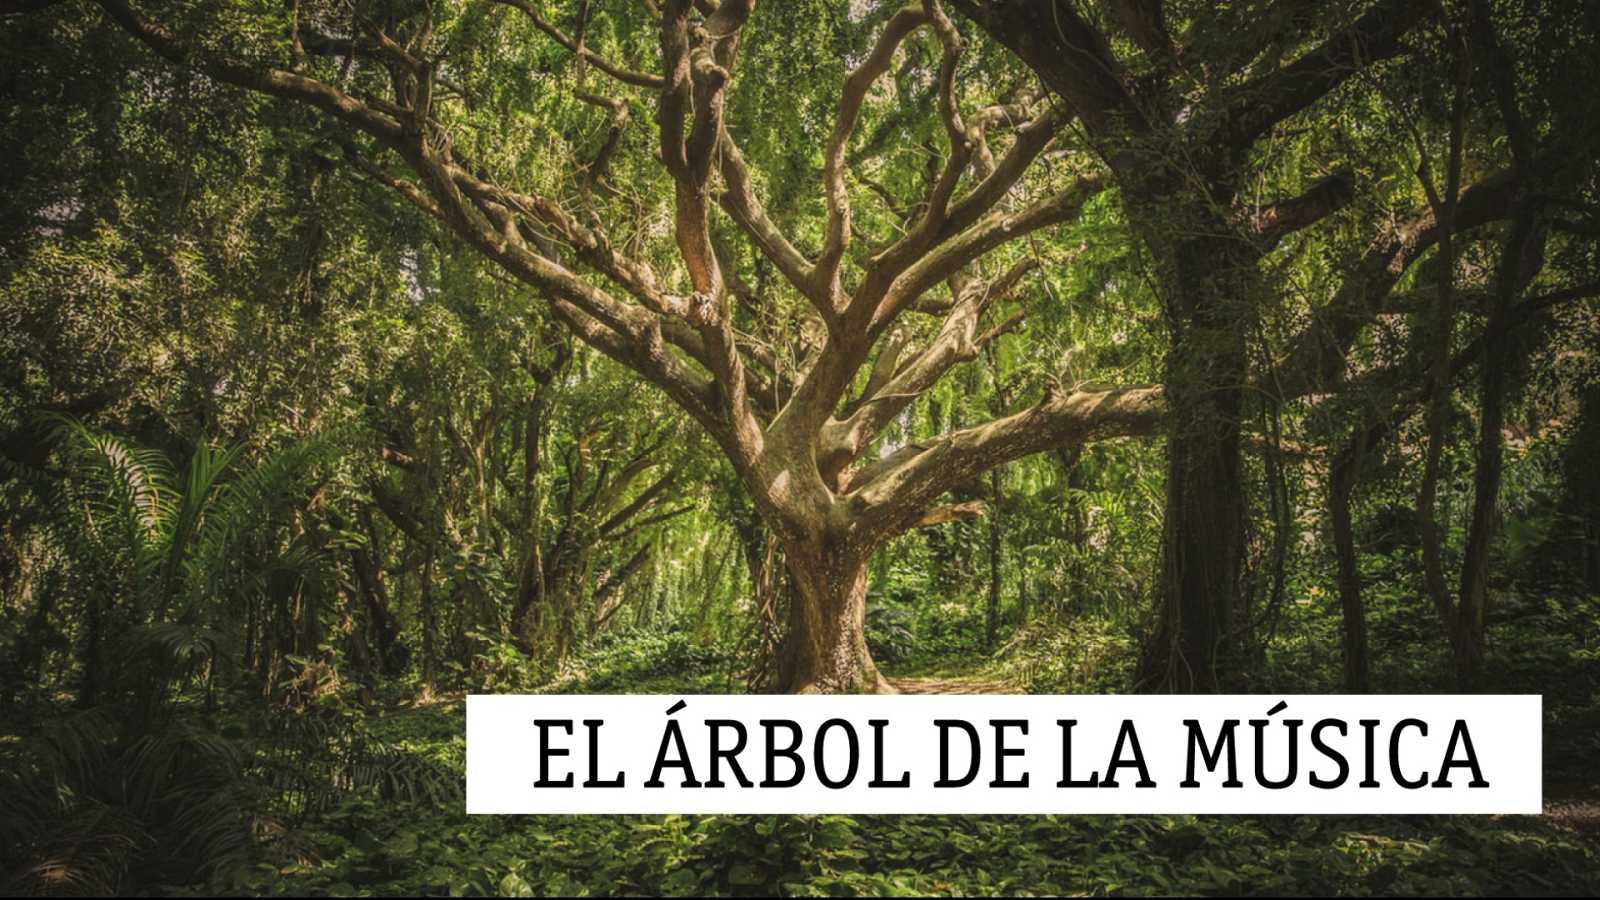 El árbol de la música - El programa 111 - 21/03/21 - escuchar ahora